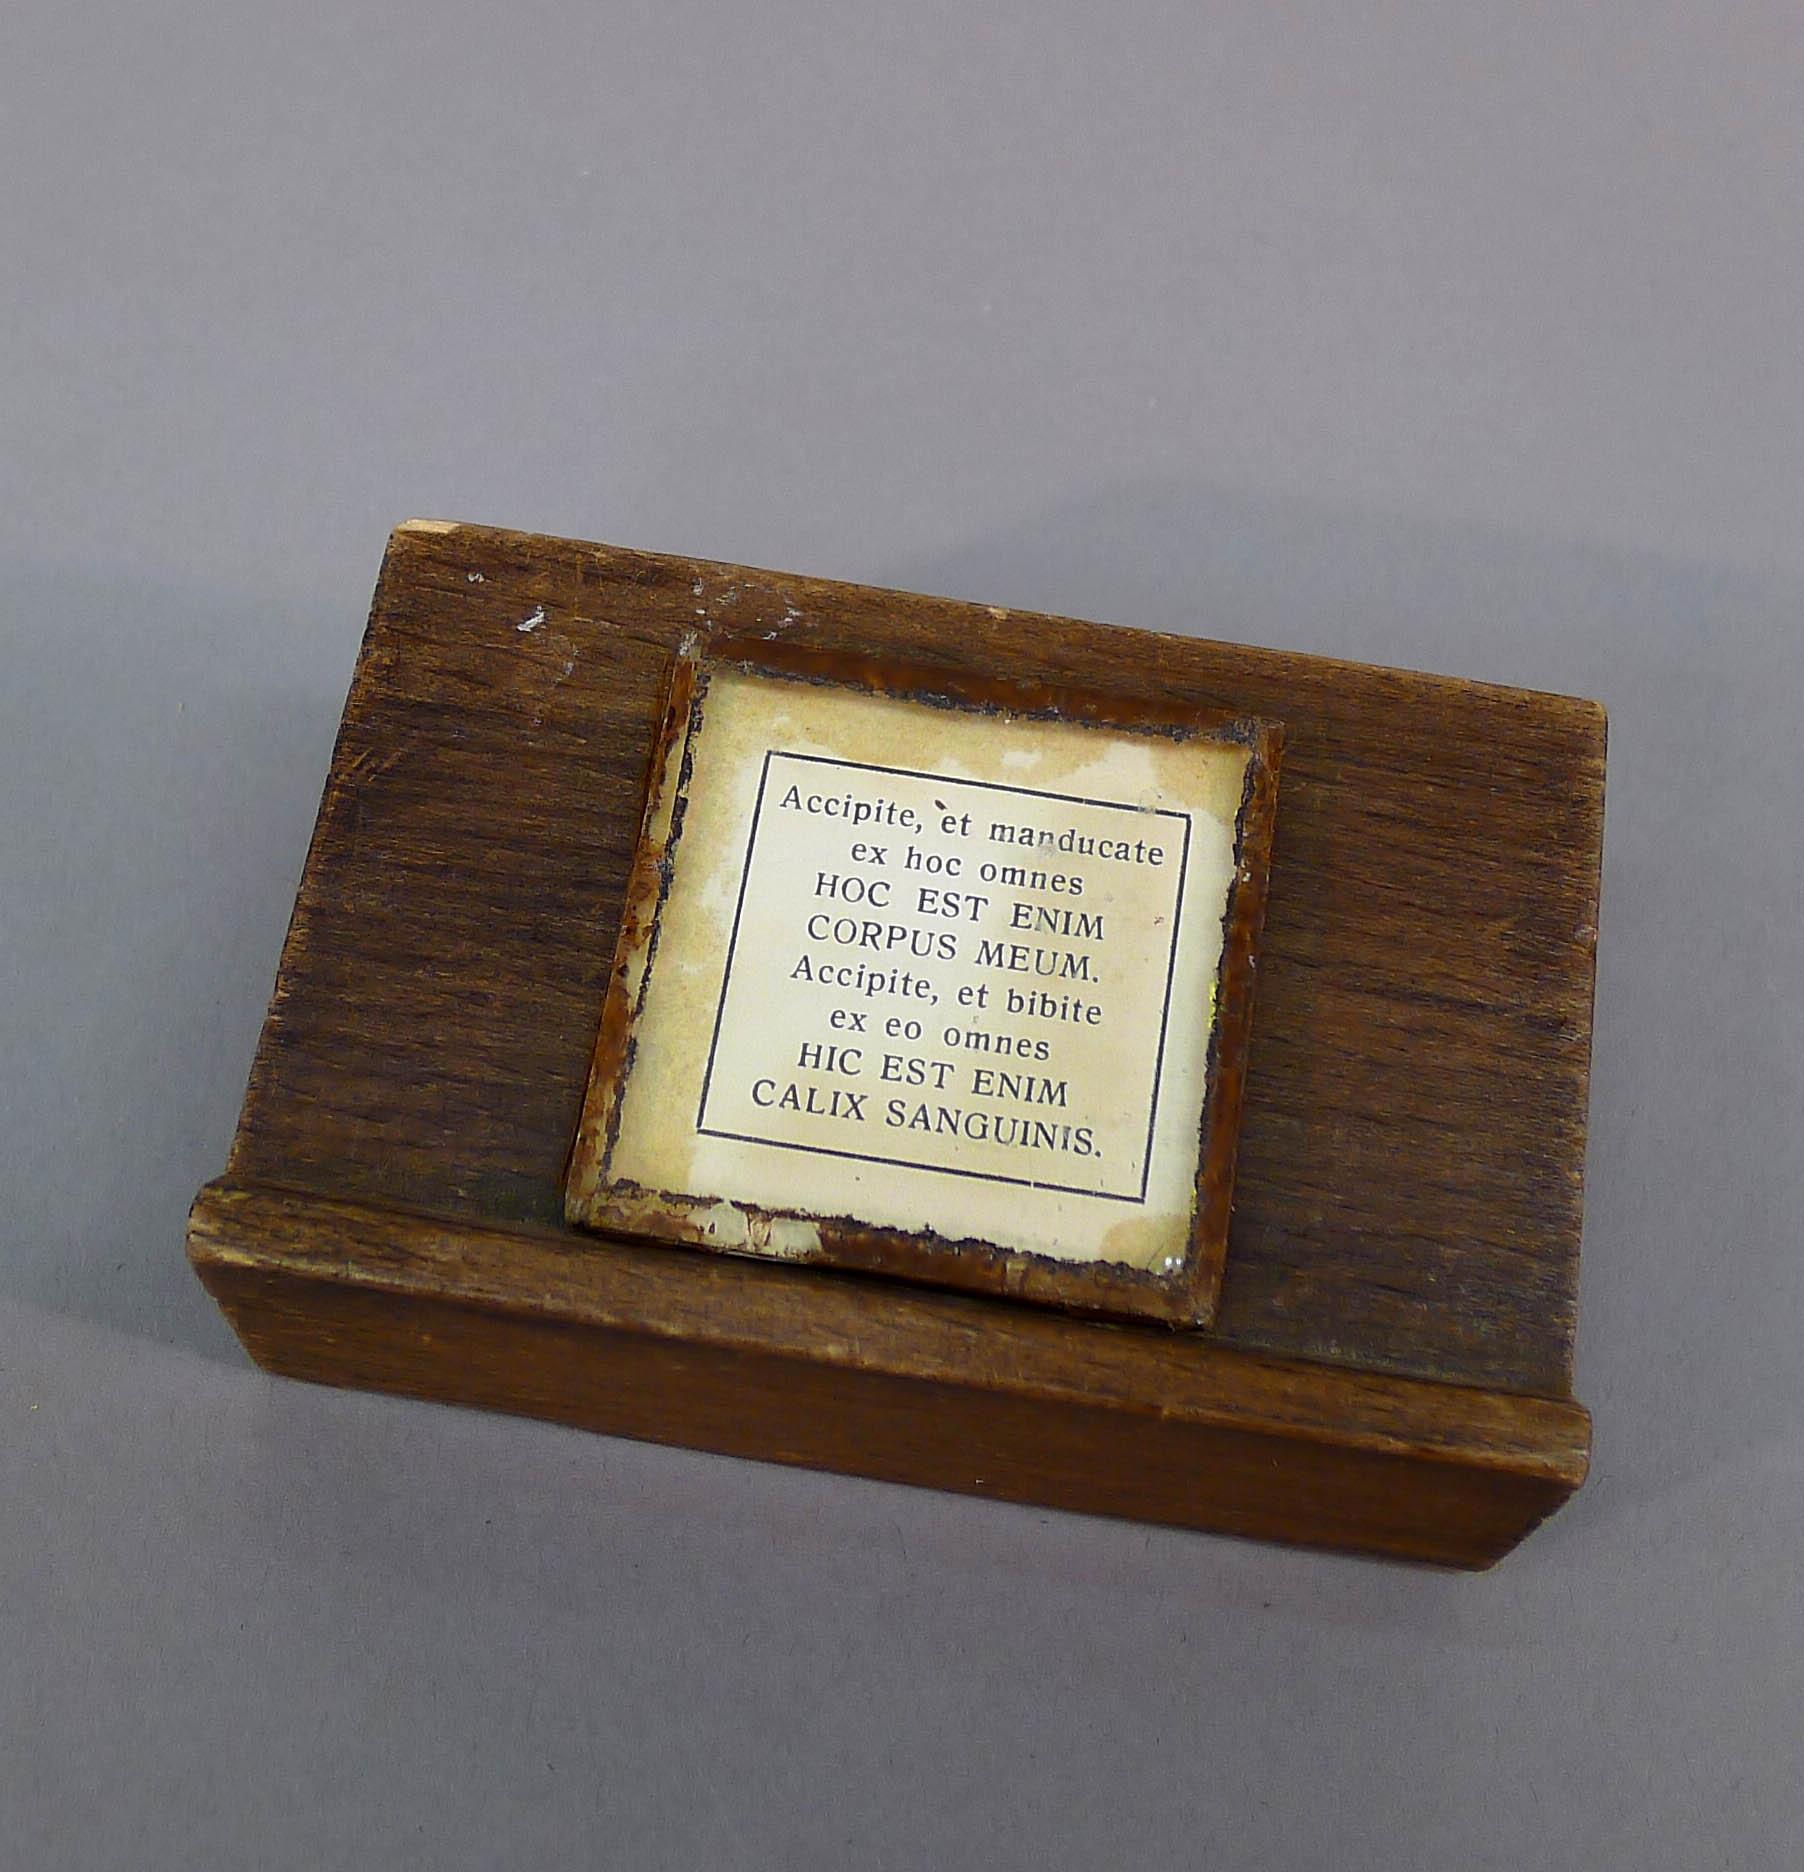 Kinderaltaar met attributen (vierkant miniatuur-canonbordje)